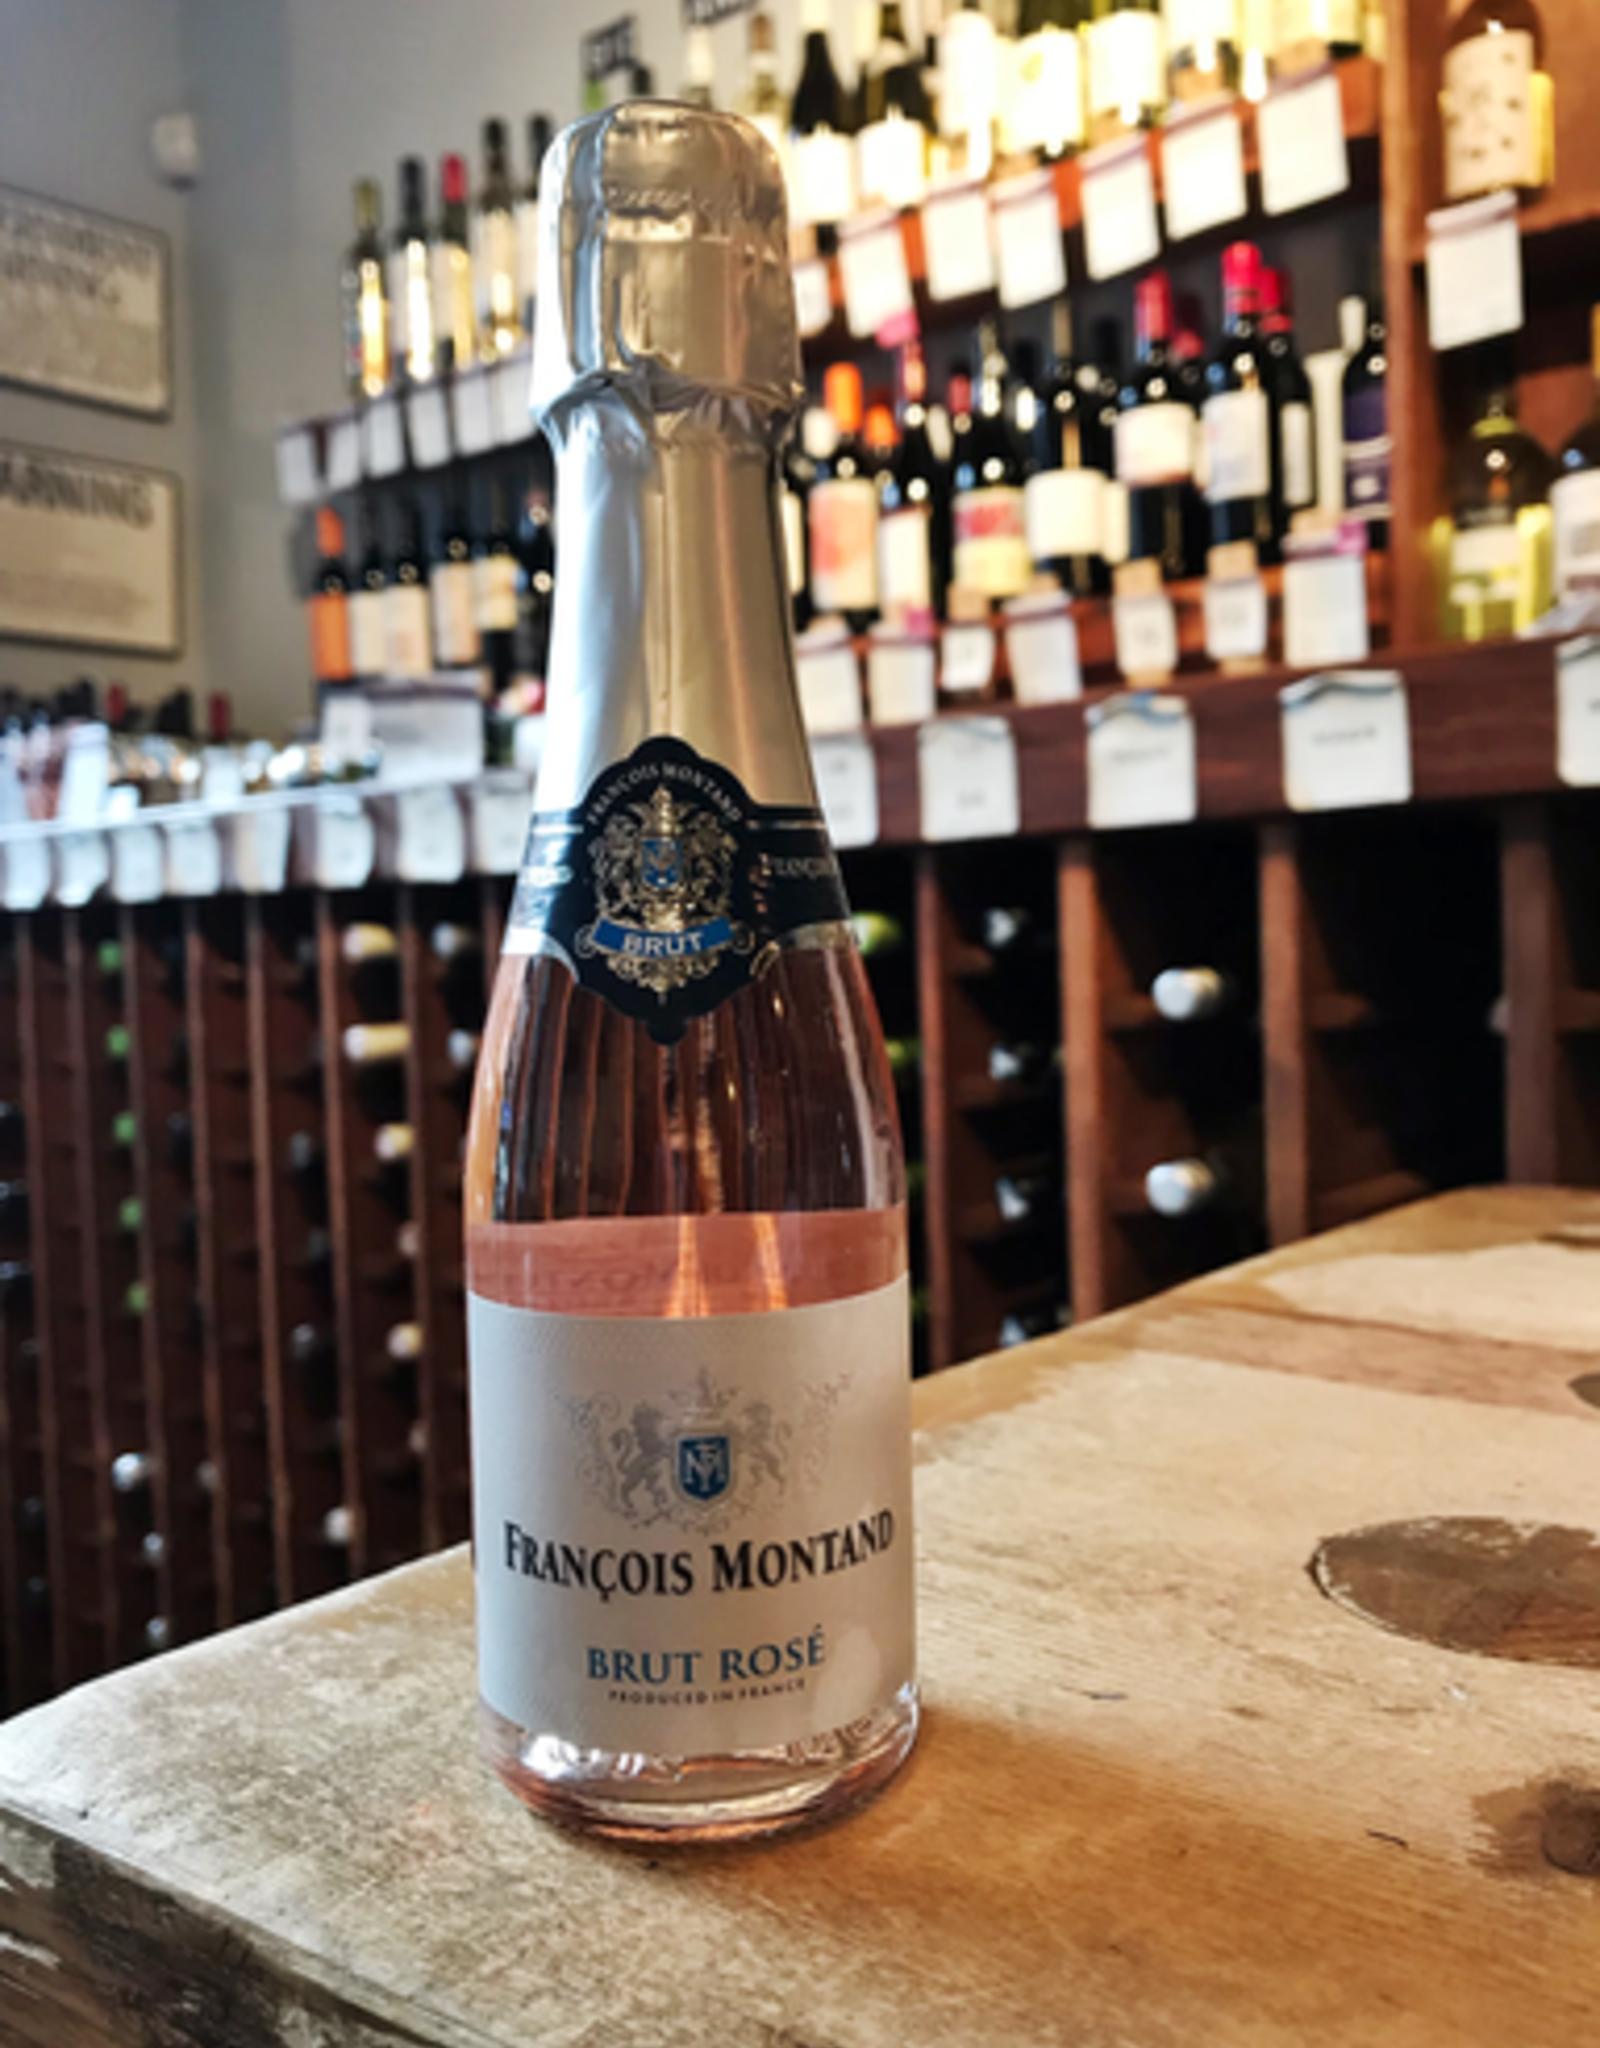 Wine NV Francois Montand Brut Rose - France (187ml)